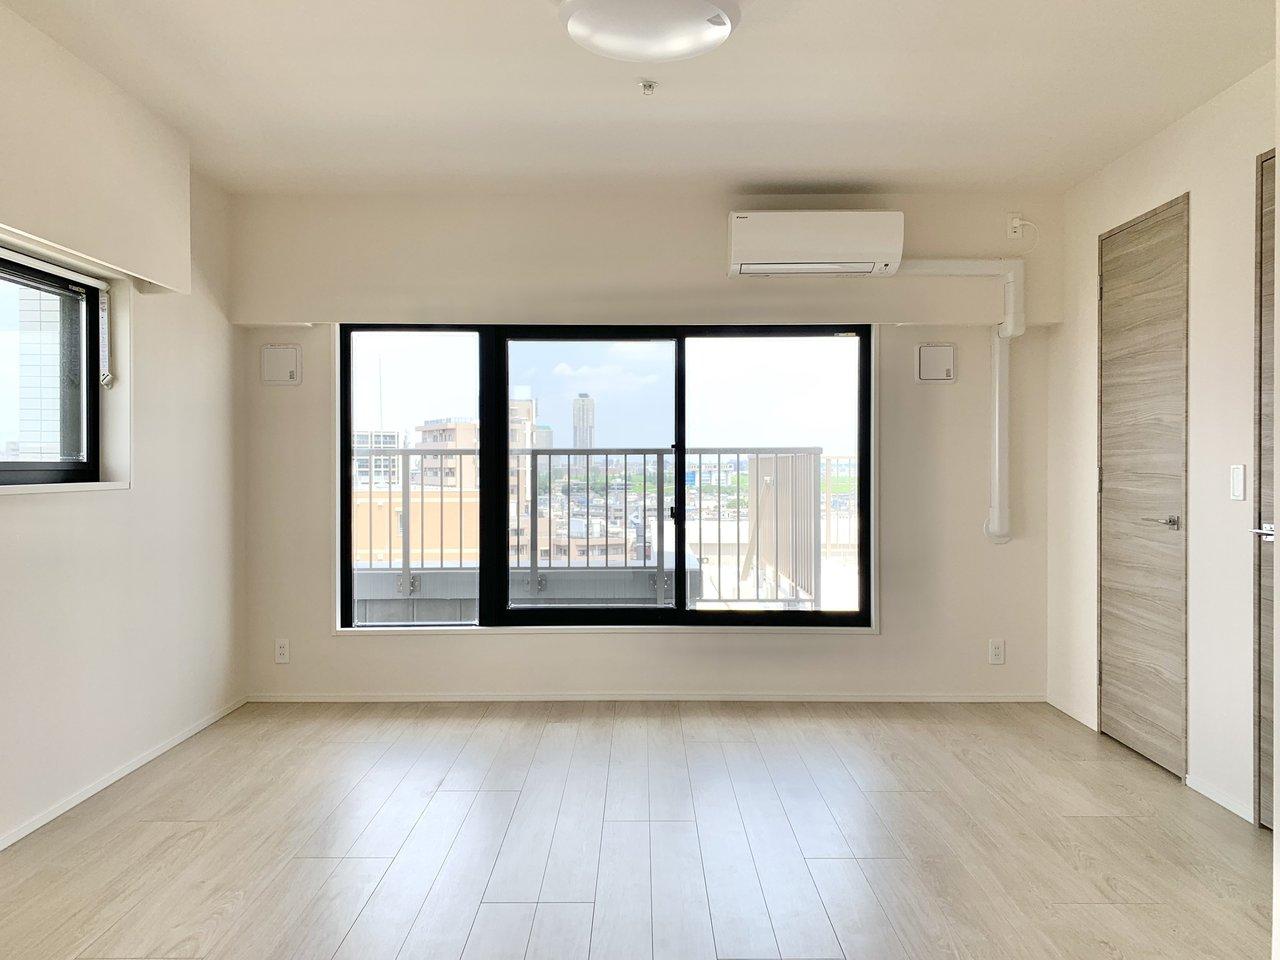 11.7畳のゆったりワンルーム。一人暮らしであれば、しっかりワークスペースも設けられそう。2面採光なので、昼間は電気をつけなくても明るいんです。